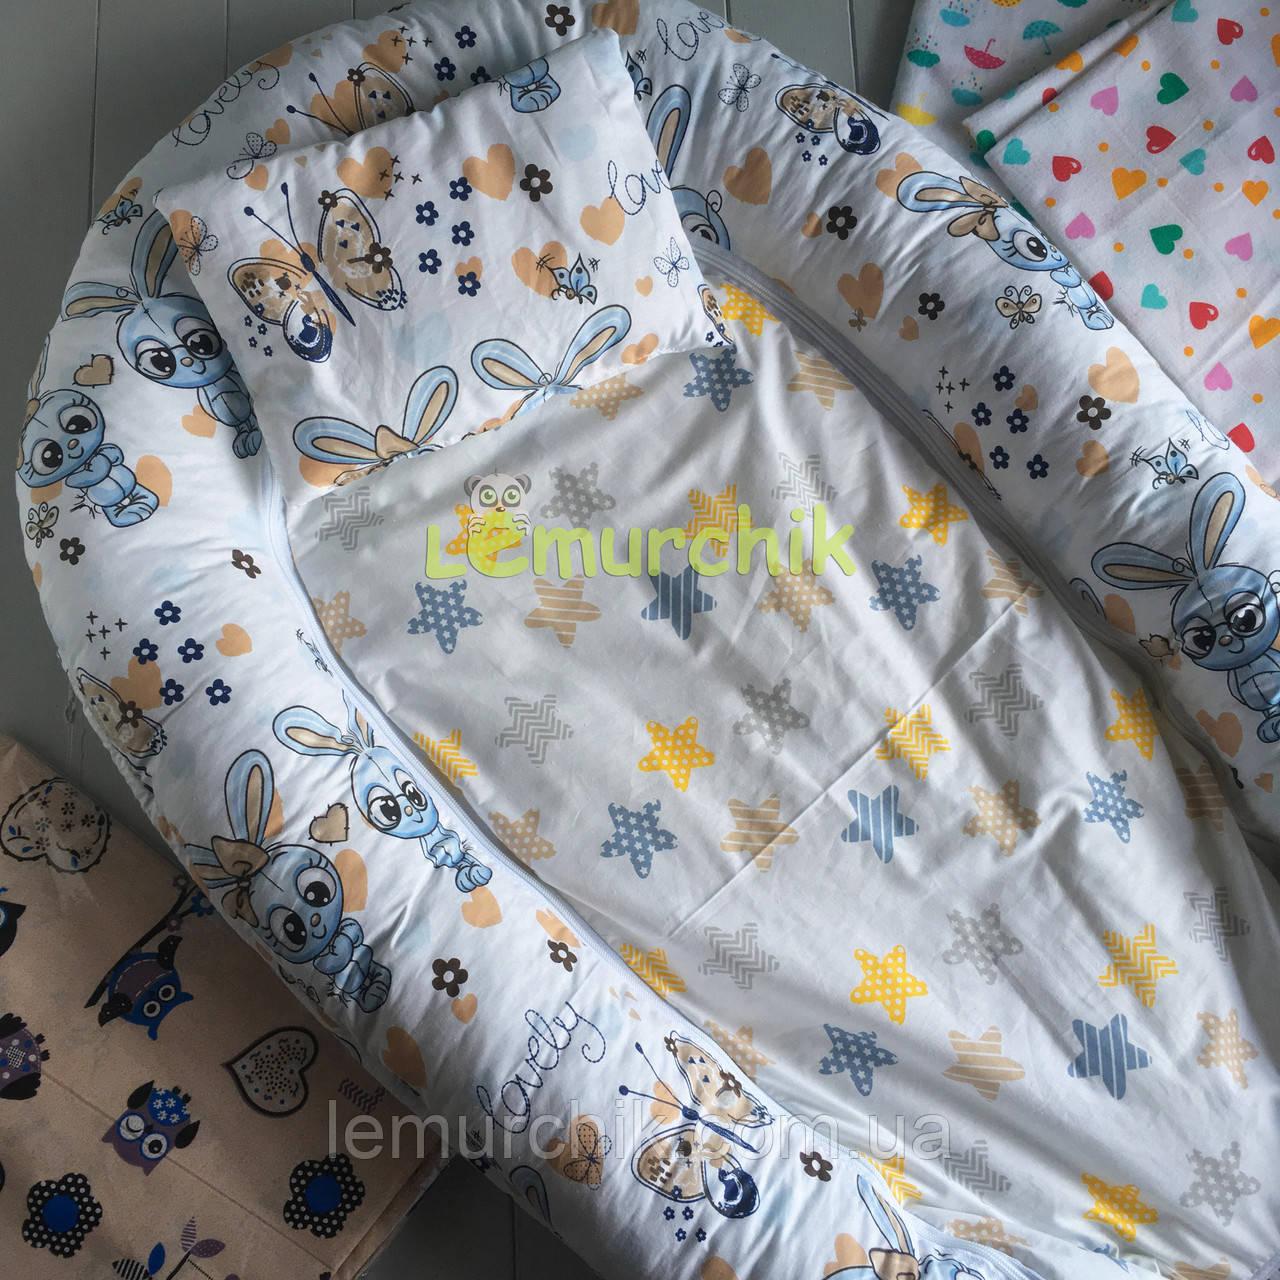 Гнездо-кокон двухстороннее 90Х45 см (подушка для беременной, подушка для кормления) +подушка Зайки/Звезды